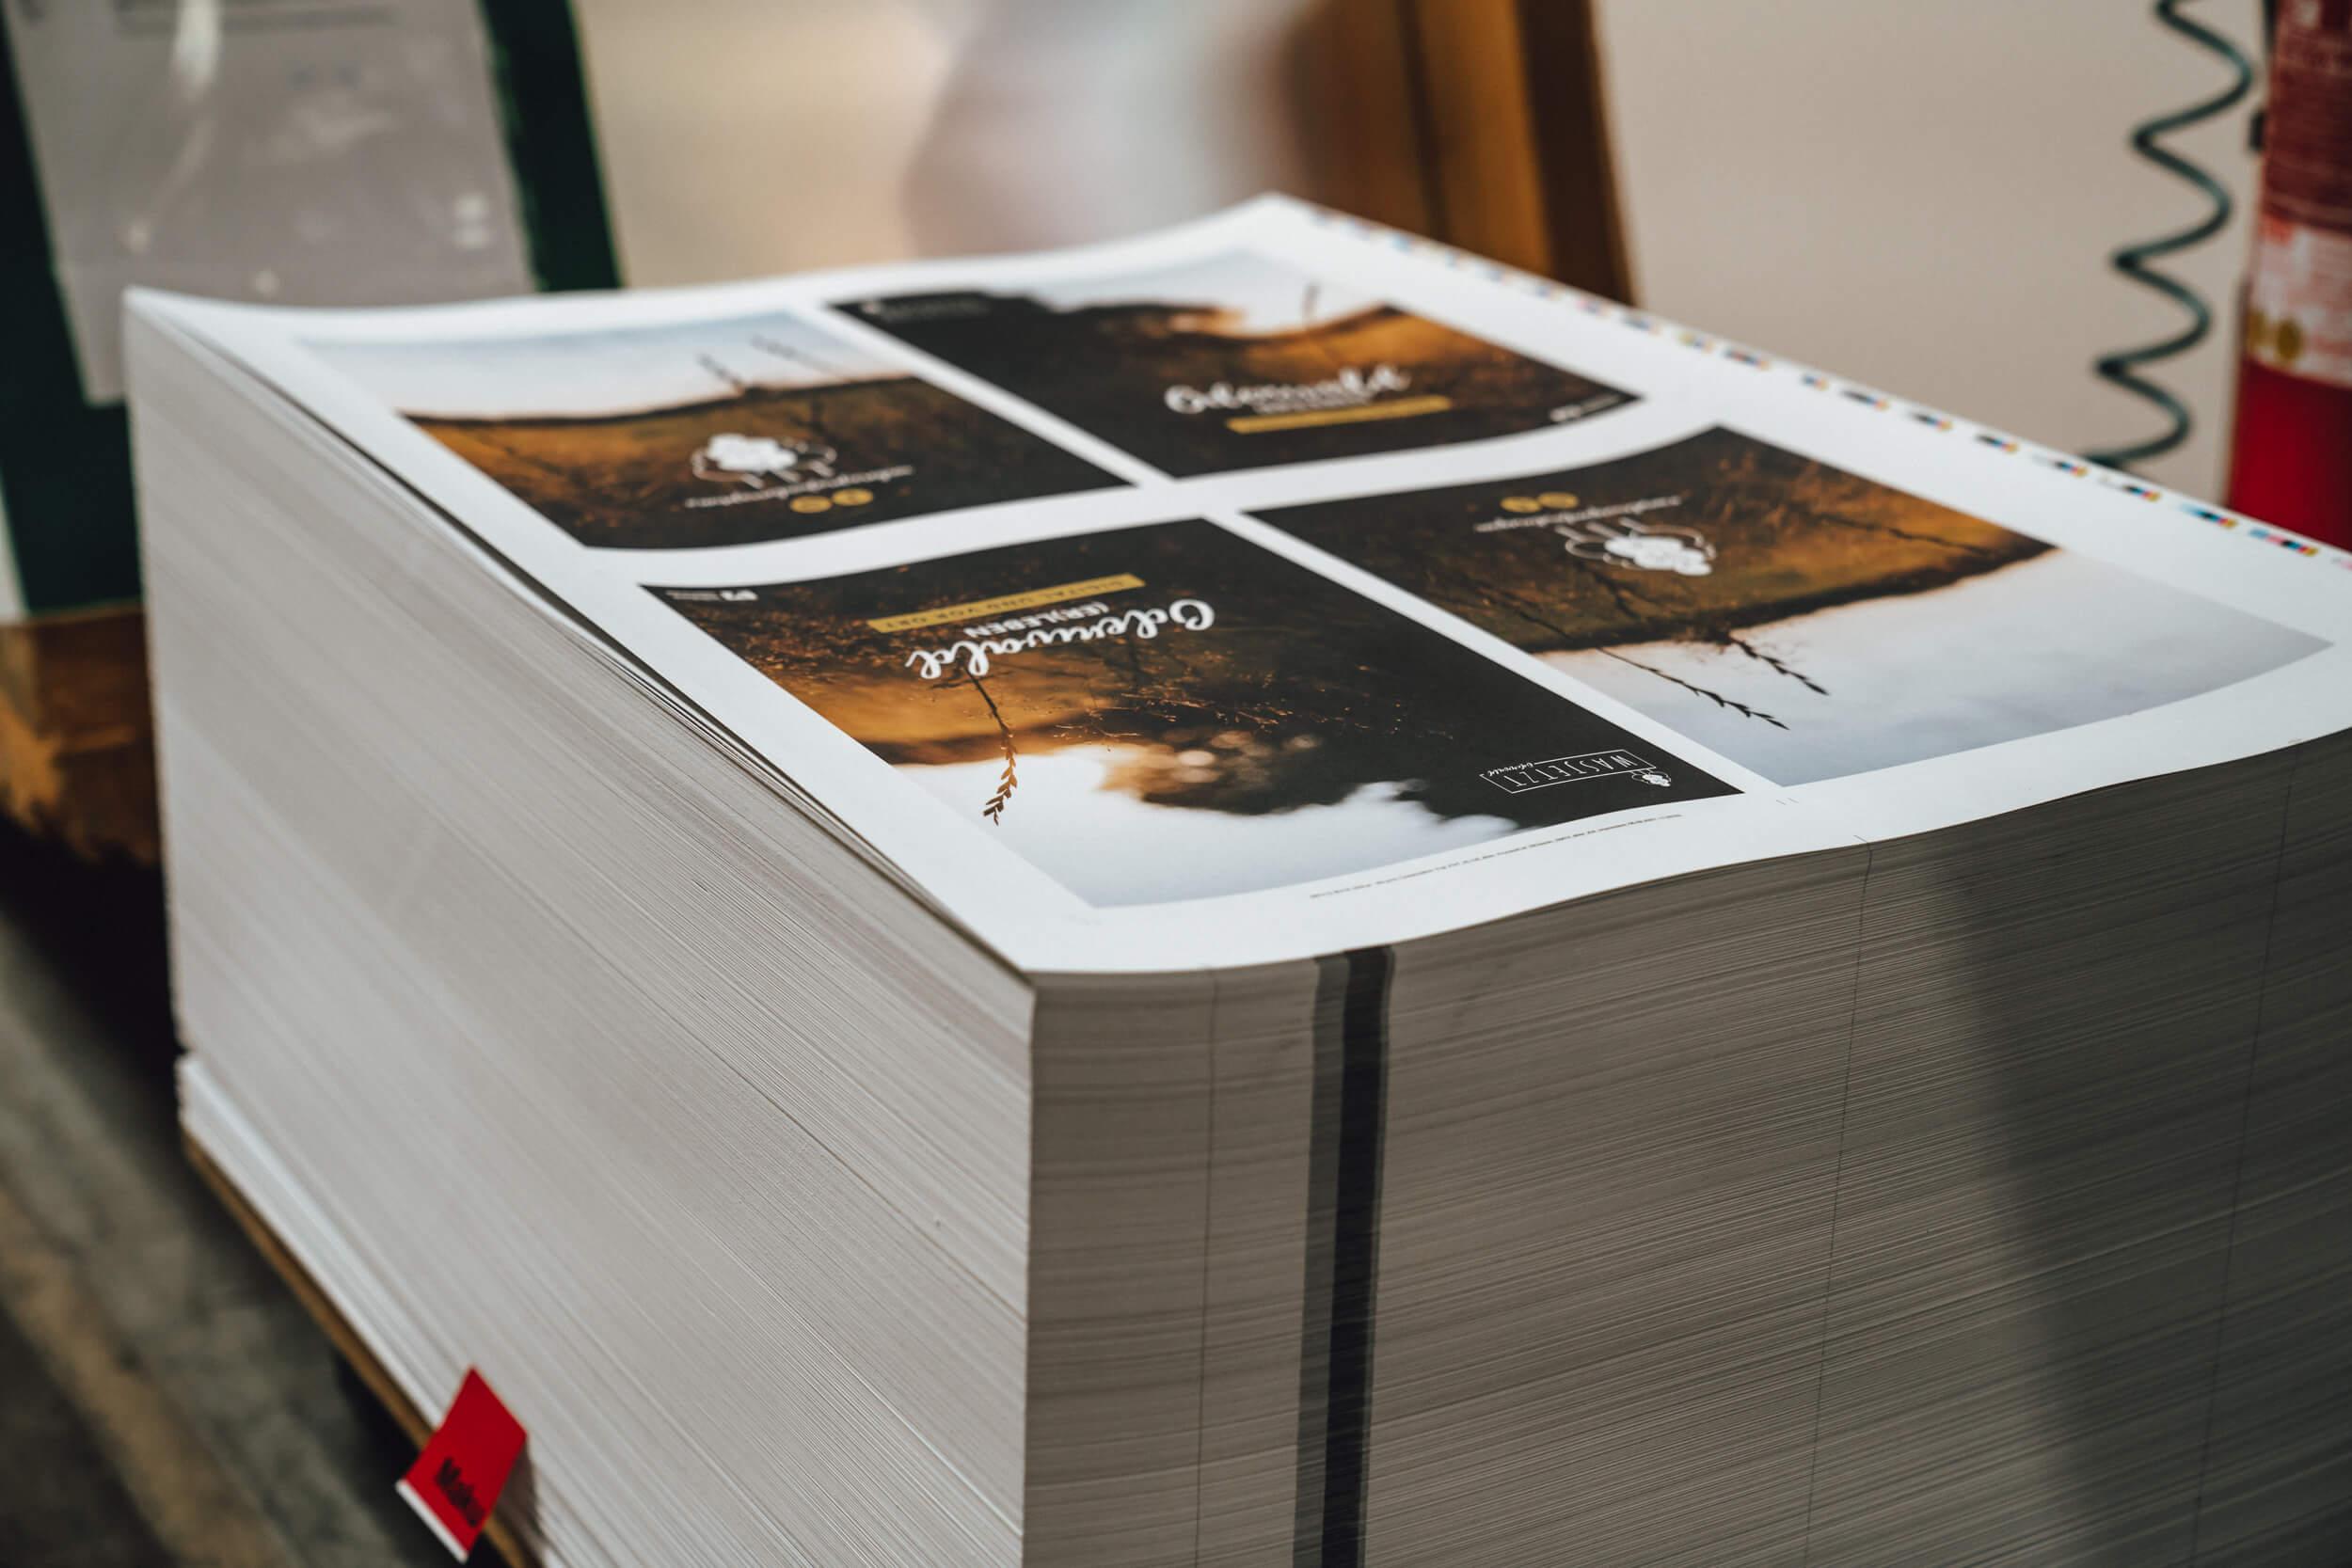 beltz-grafische-betriebe-broschüre